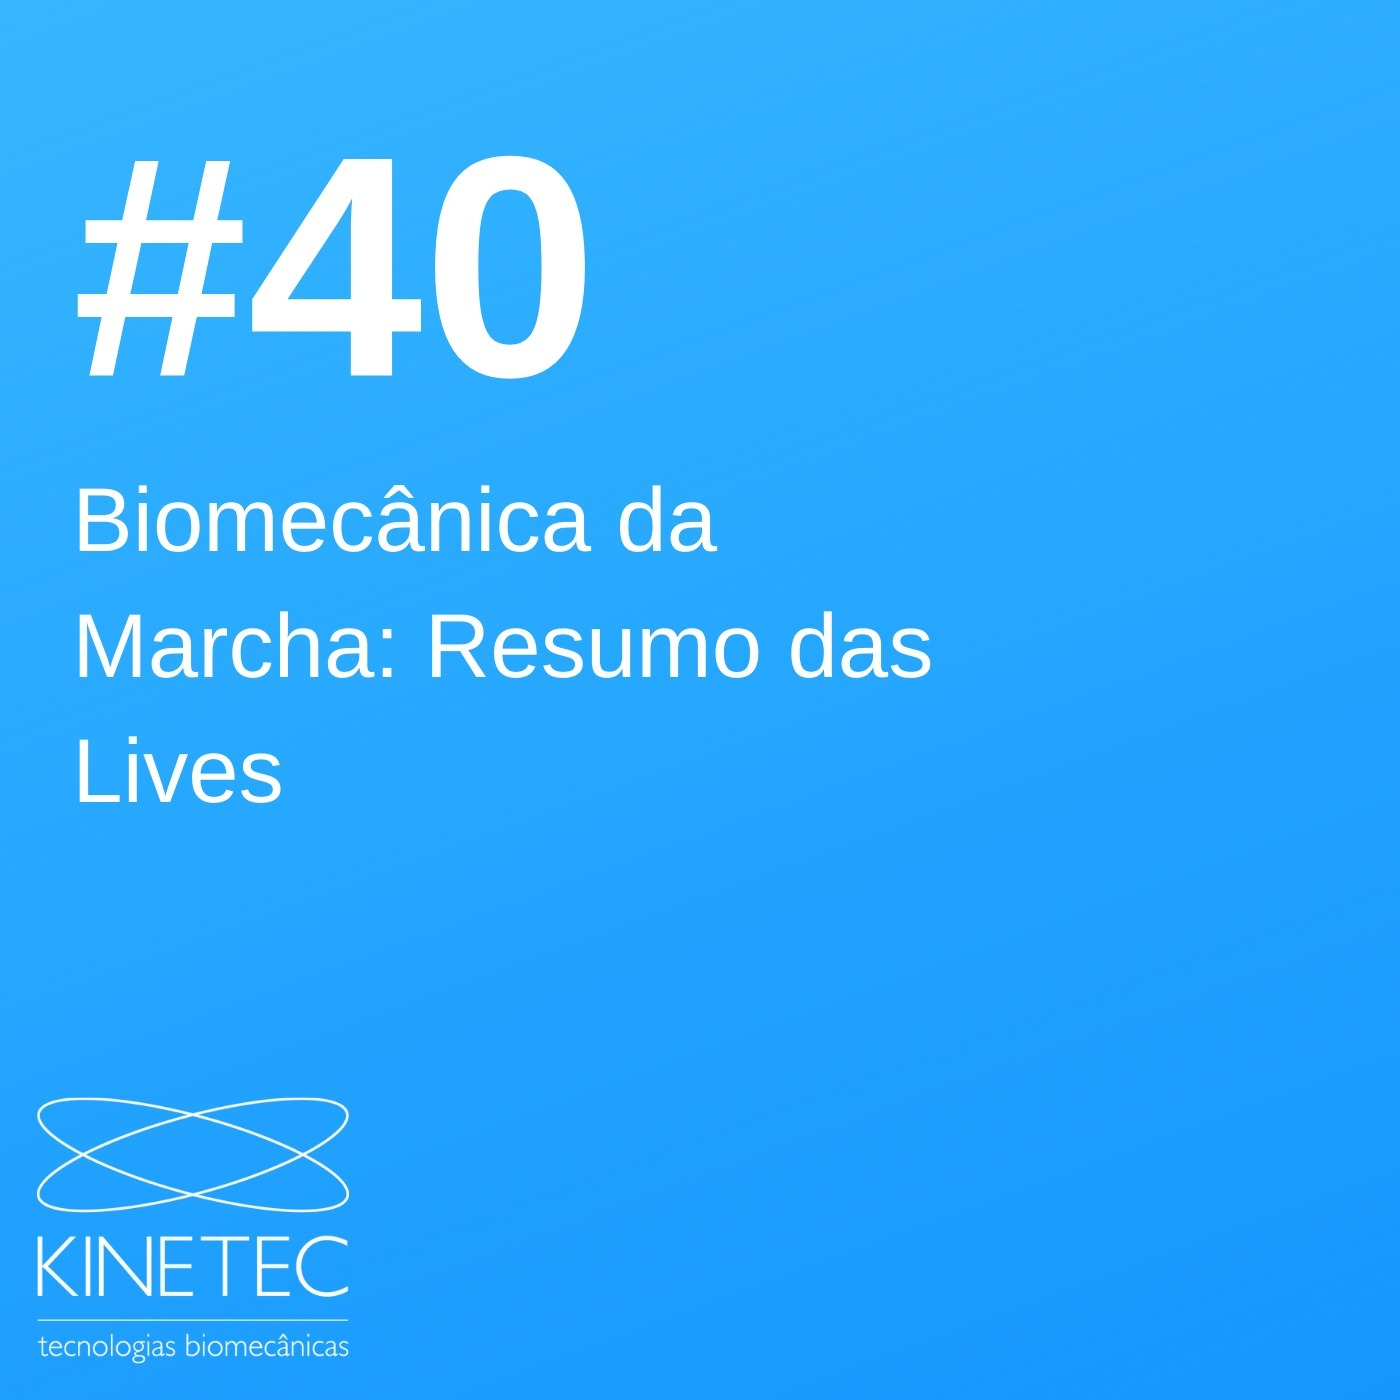 #040 Biomecânica da Marcha - Resumo das Lives